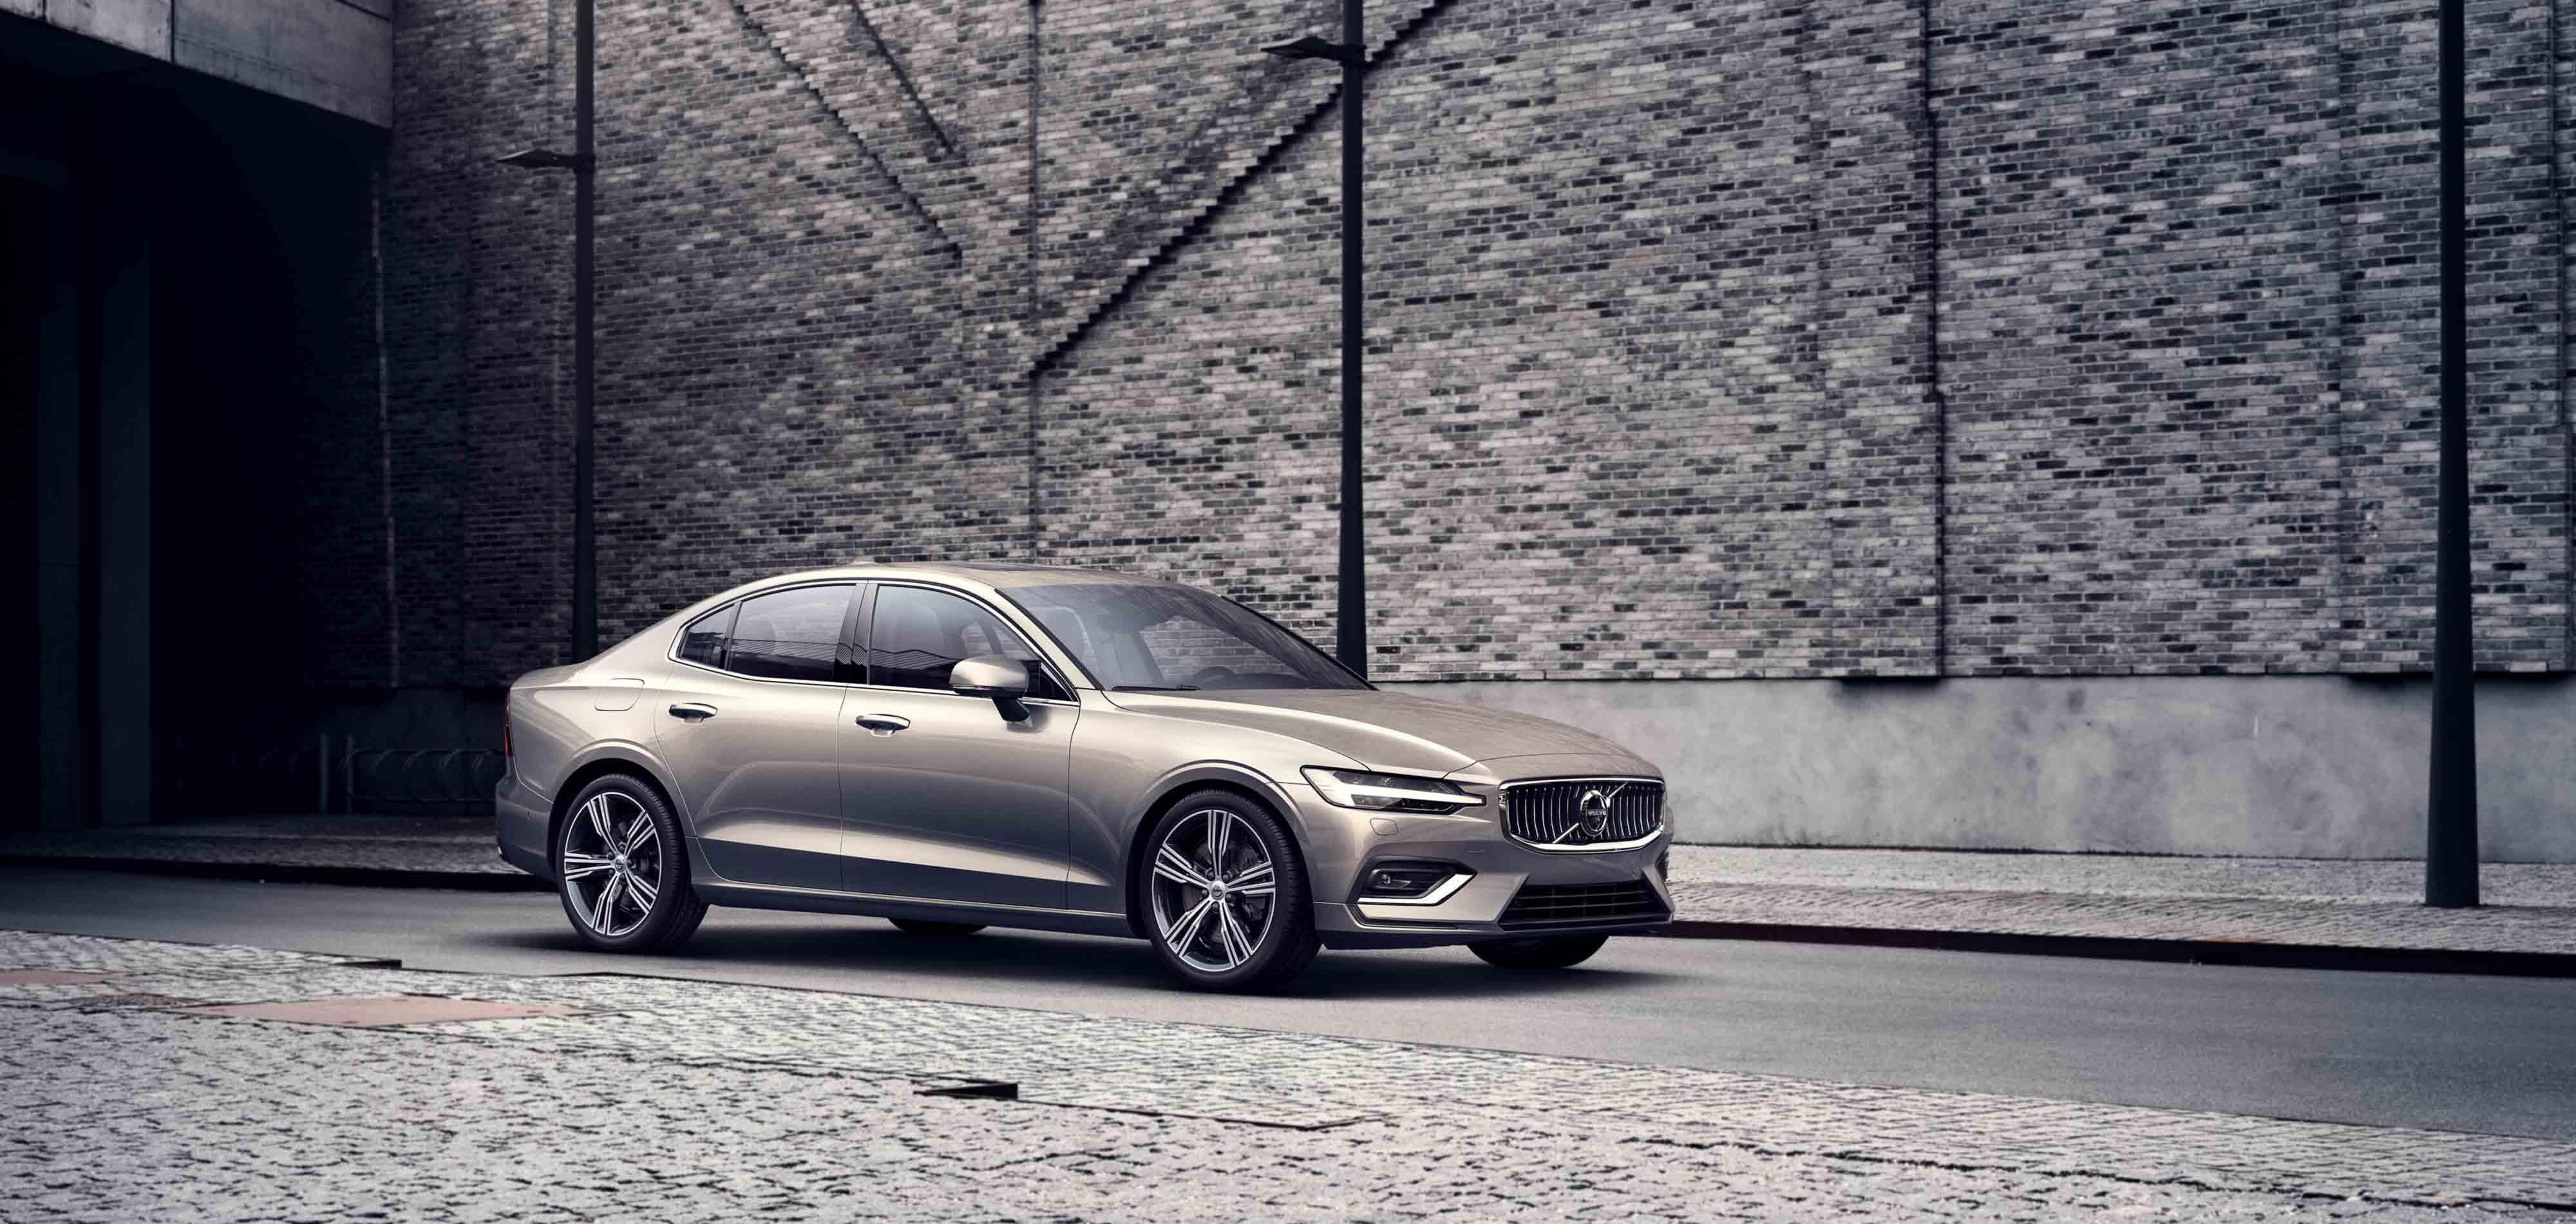 Volvo S60 – ryškesniems vairavimo potyriams